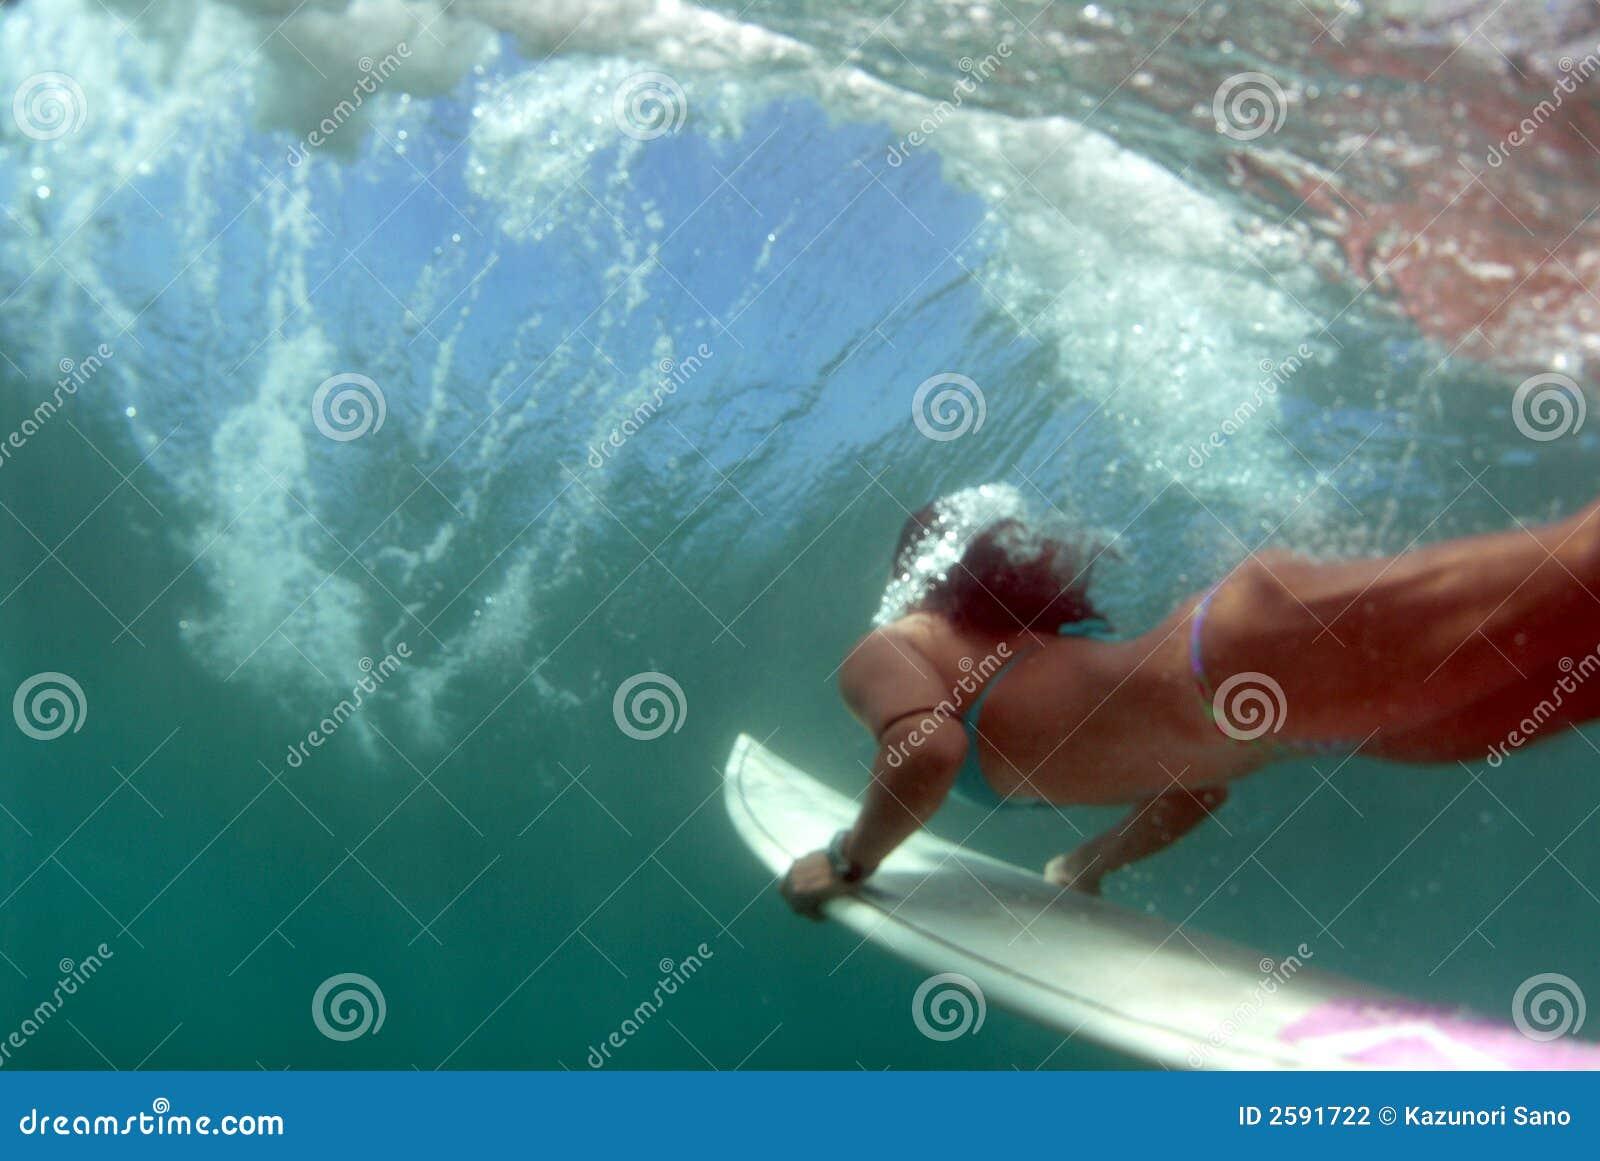 Jugendlich Bikini-Surfer Duckdiving